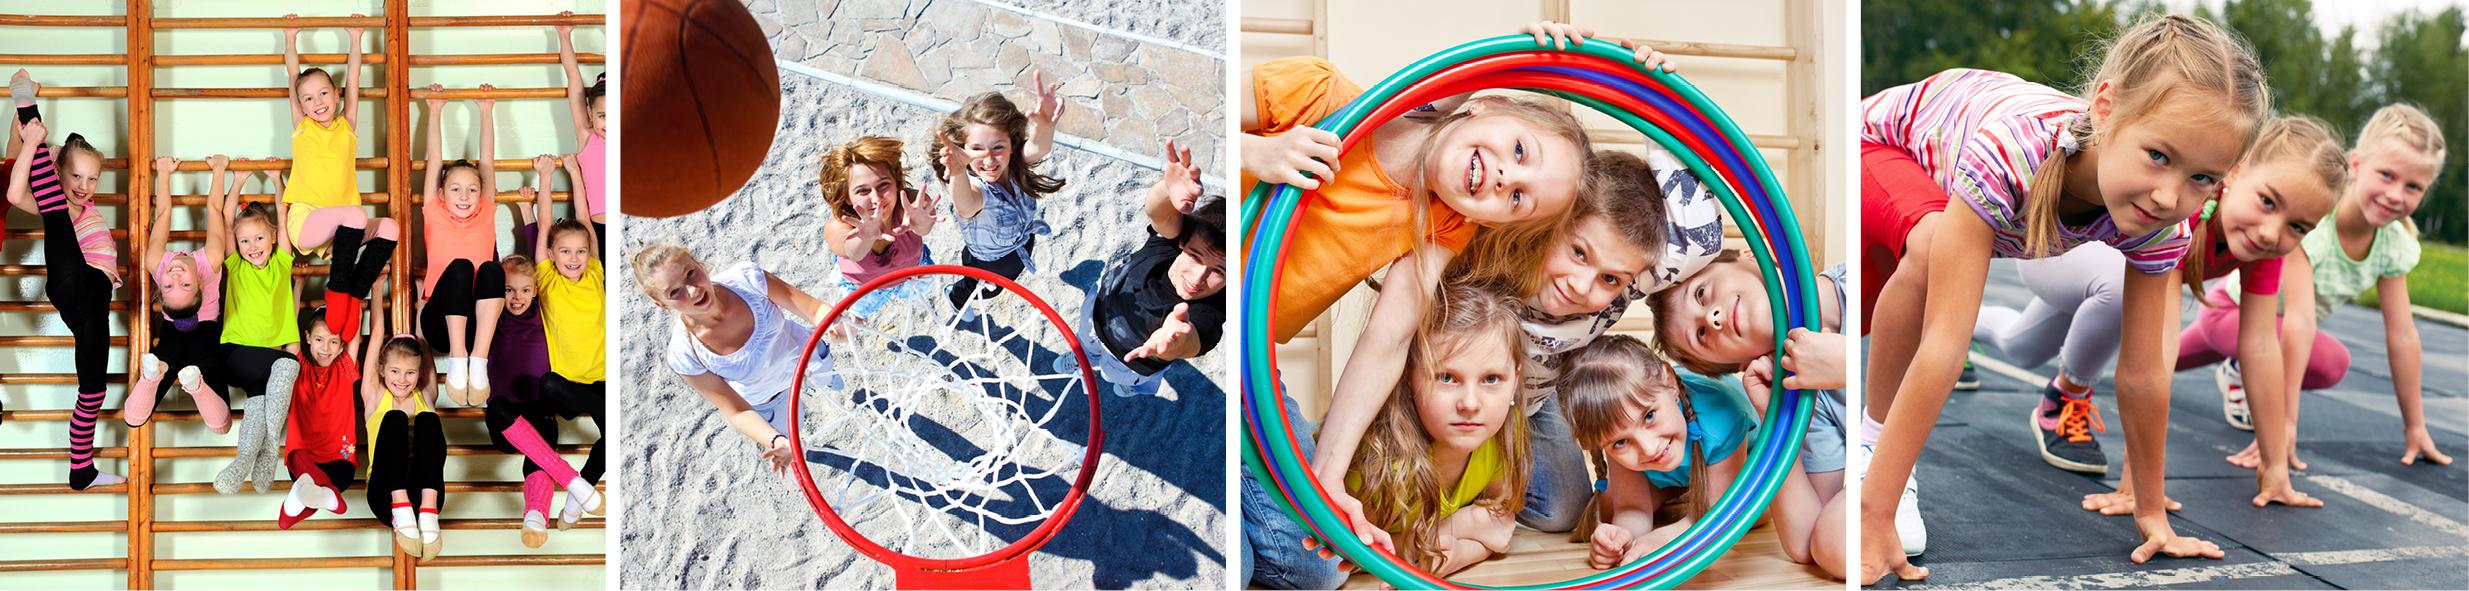 Bandeau - Sports enfants 1.jpg